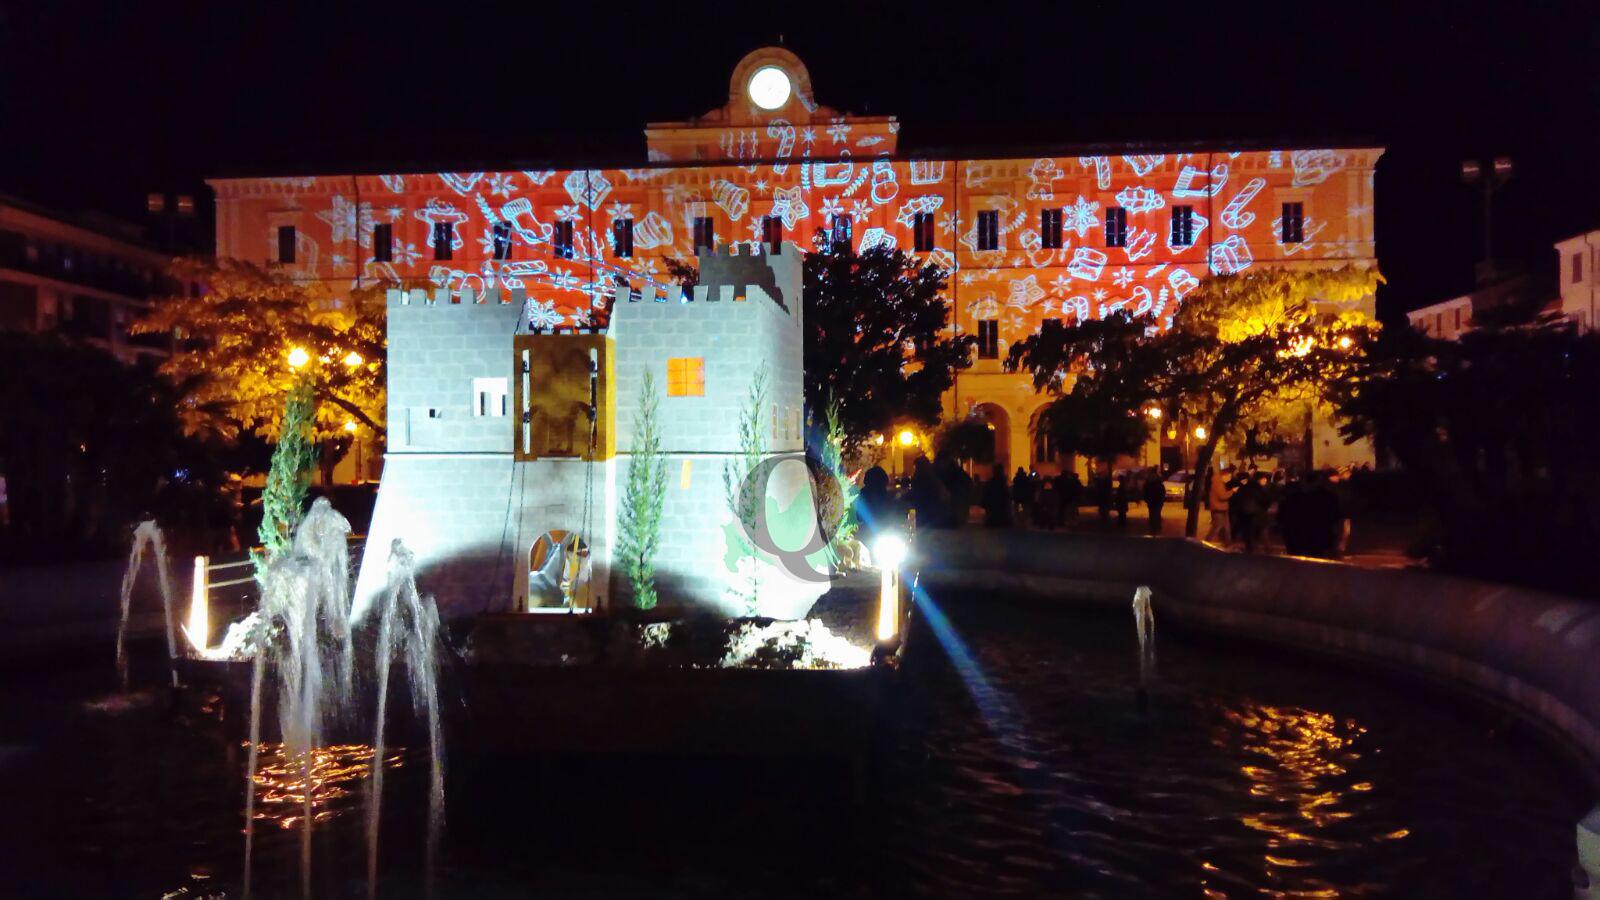 Campobasso si veste a festa: accese le luminarie. Battista parla anche del futuro (FOTO)